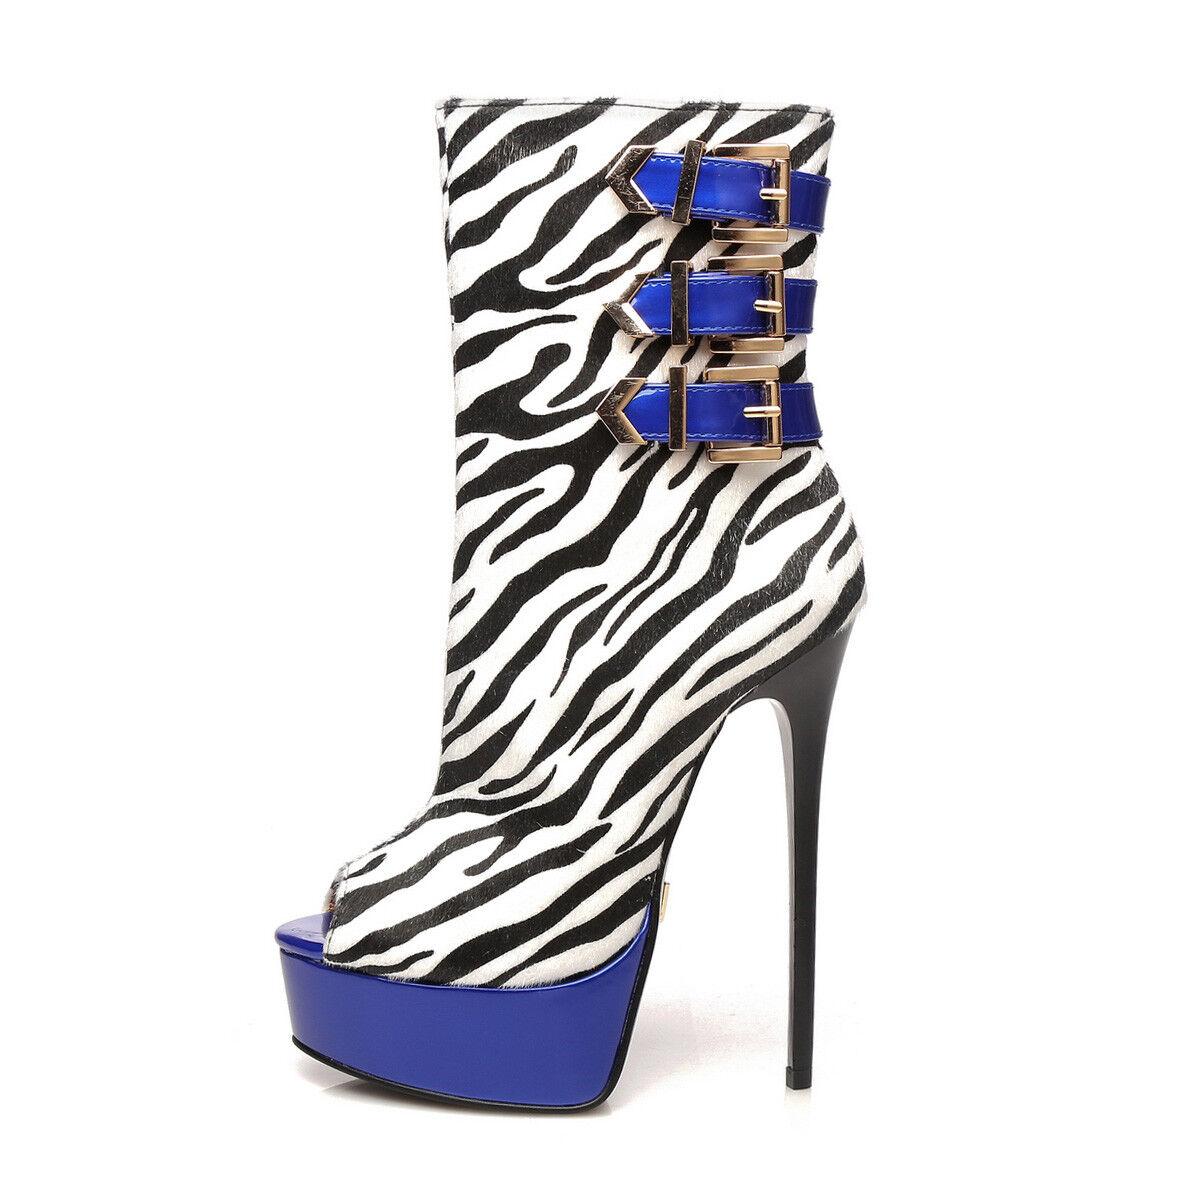 Miglior prezzo Giaro MARUCKLE peep-toe peep-toe peep-toe stivali with Zebra pattern  Garanzia di vestibilità al 100%